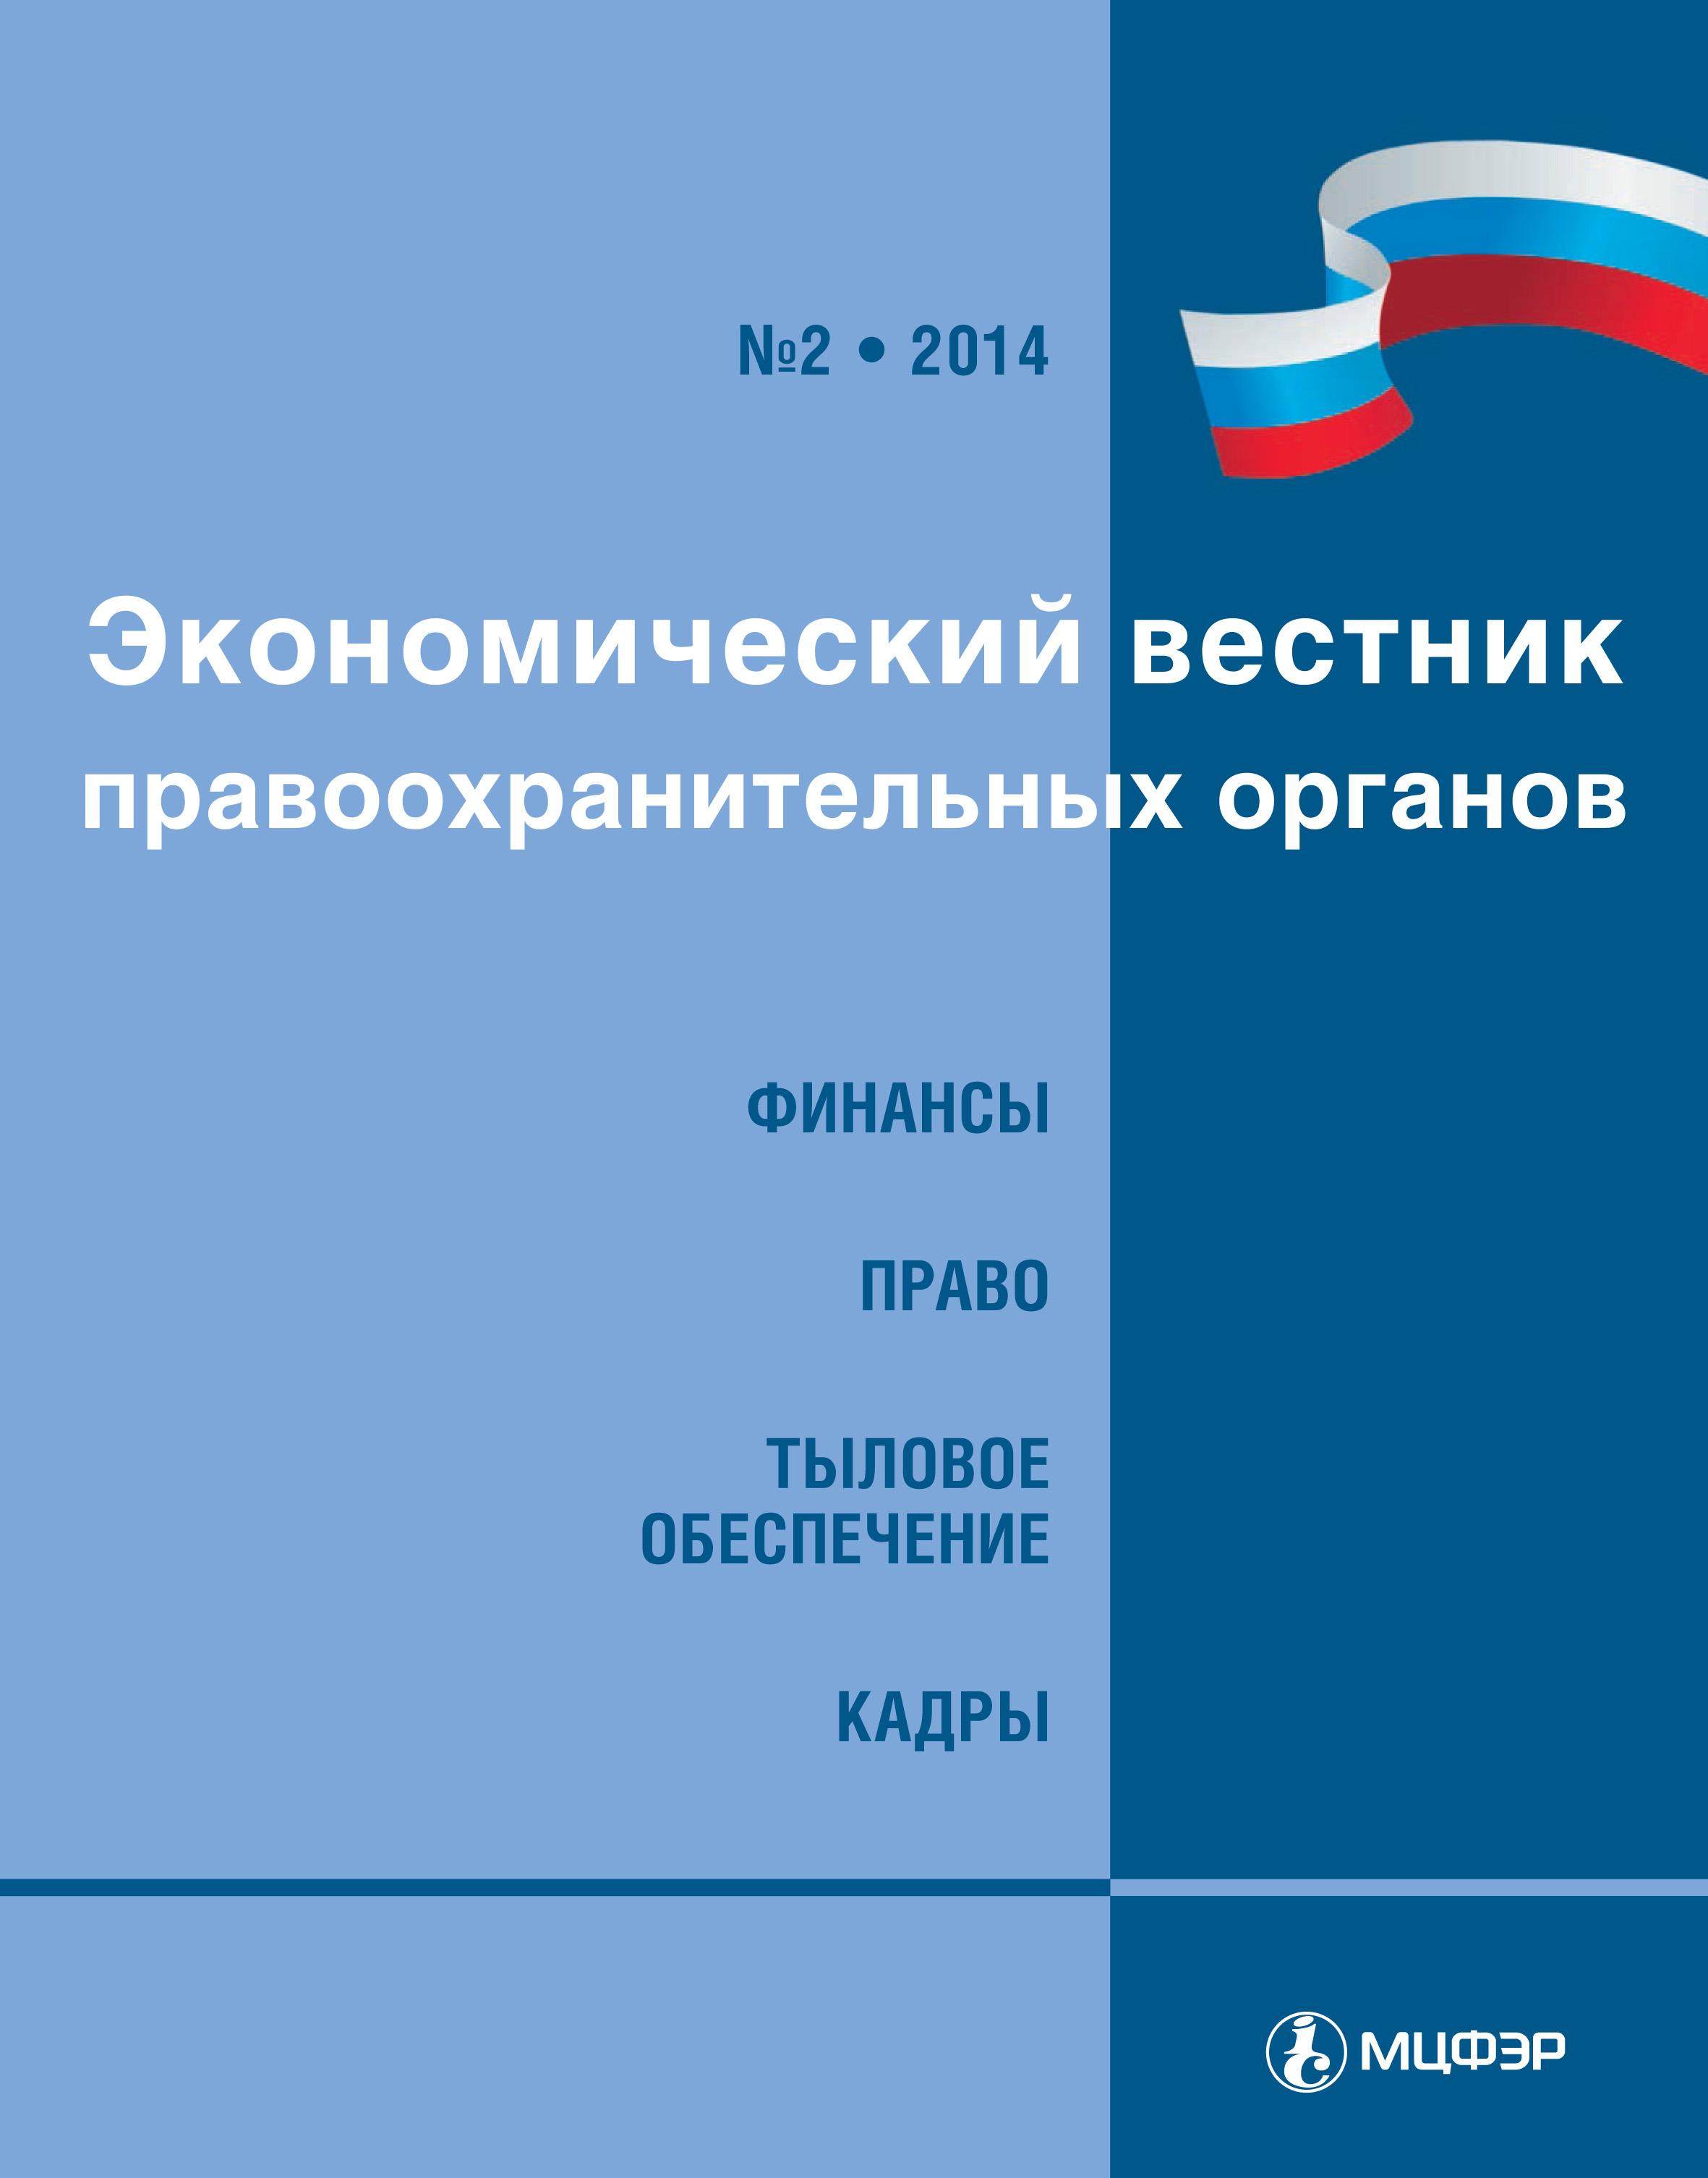 Экономический вестник правоохранительных органов №02/2014